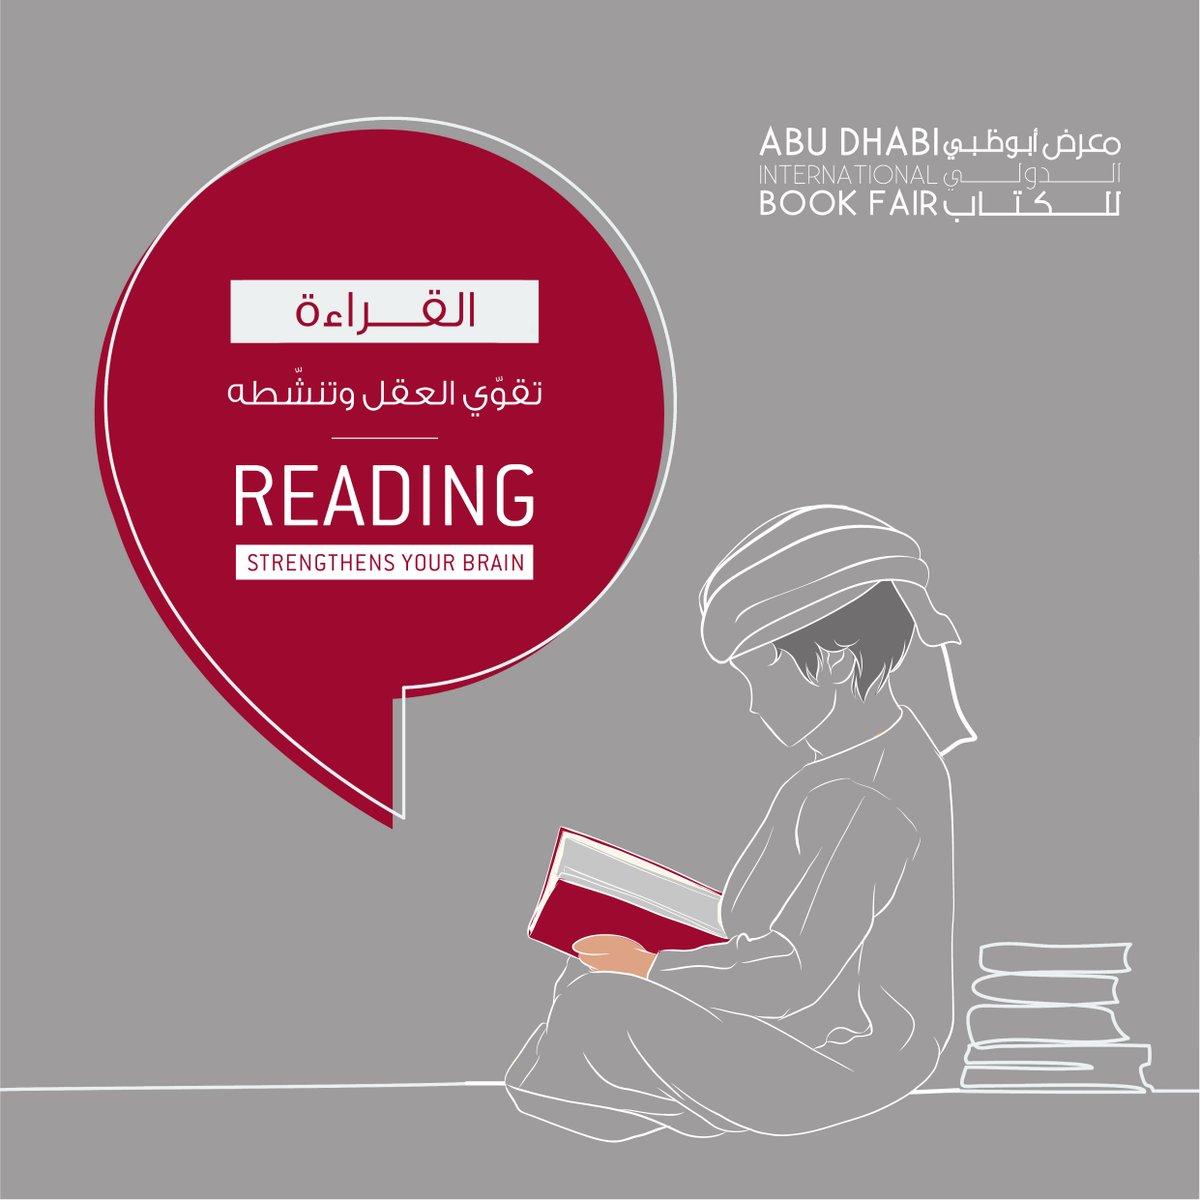 القراءة تقوّي العقل وتنشّطه  #معرض_أبوظبي_الدولي_للكتاب #قراءة #كتاب #ثقافة #في_أبوظبي #ثقافة_للجميع . . . Reading strengthens your brain  #ADIBF #Reading #Books #Culture #InAbuDhabi #CulturAll https://t.co/AmBToMsHkz